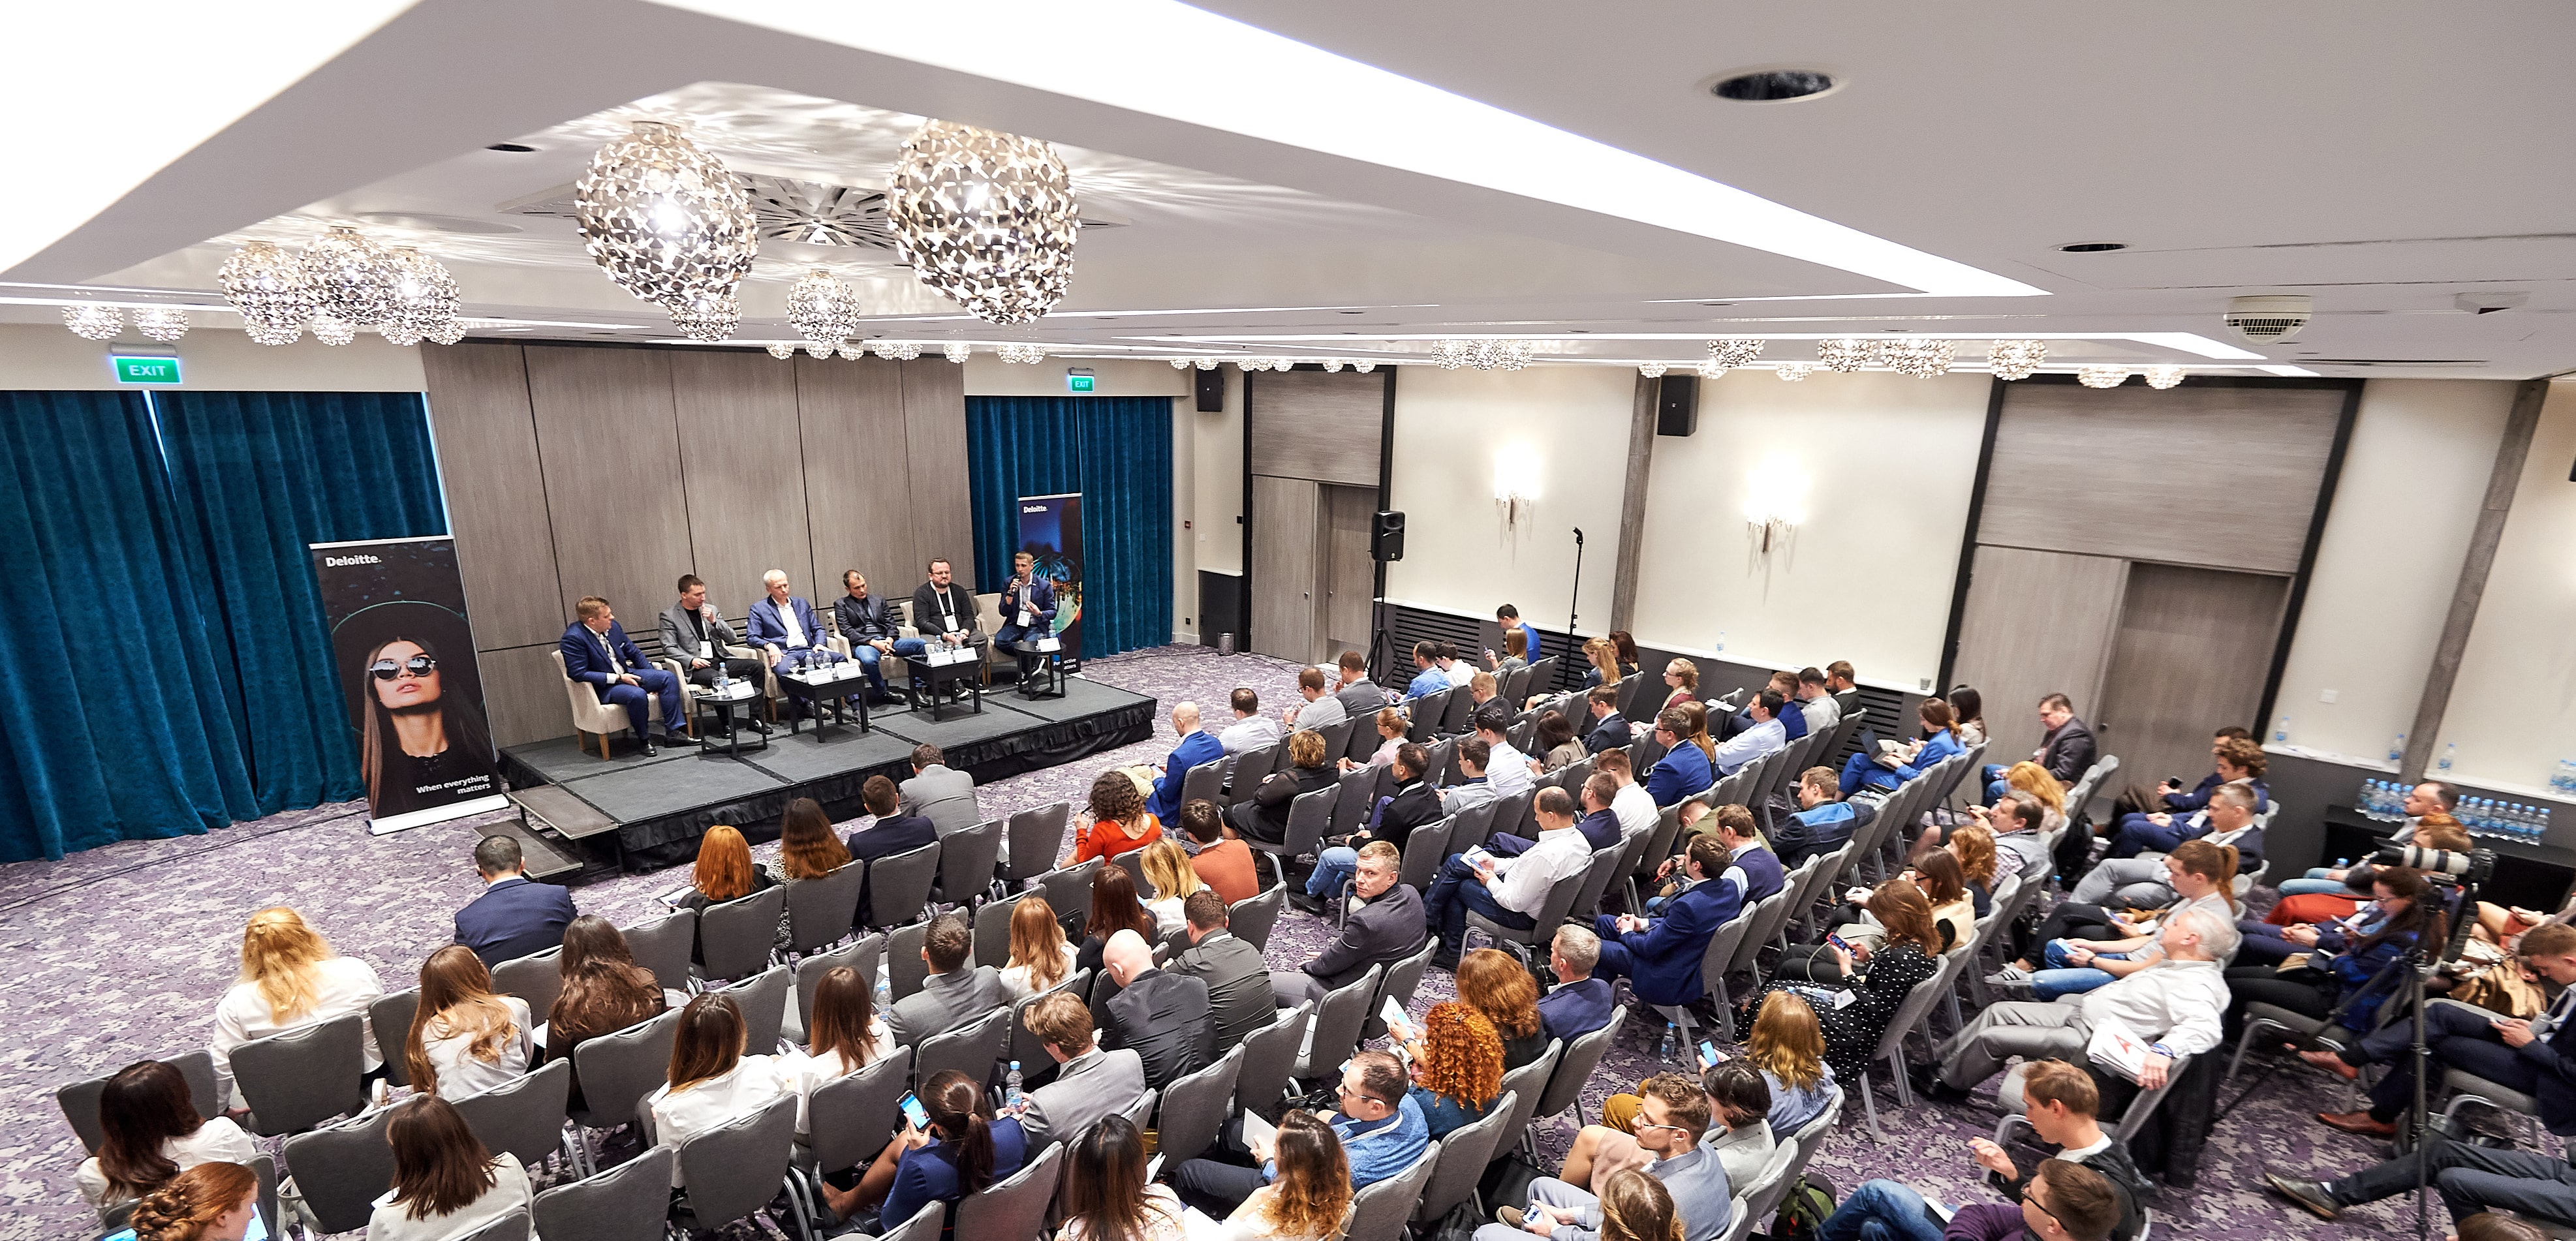 К чему готовиться бизнесу: Deloitte презентует прогноз развития технологий, медиа и телекоммуникаций на 2019 год